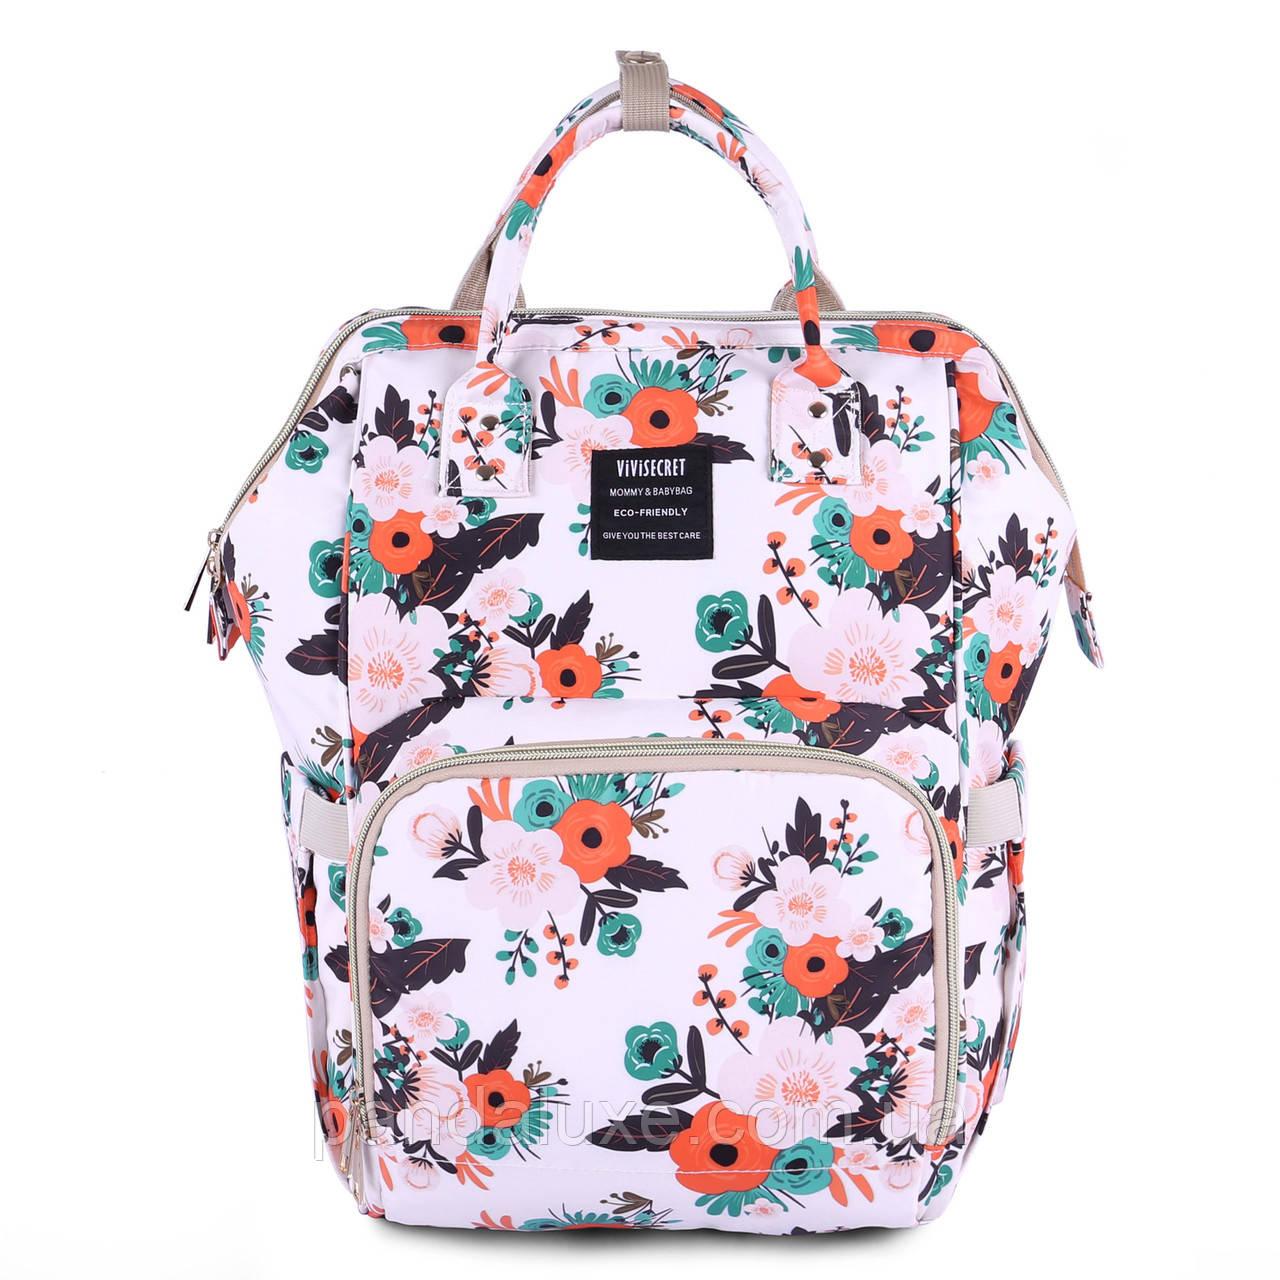 Женский рюкзак сумка Цветы ViViSECRET